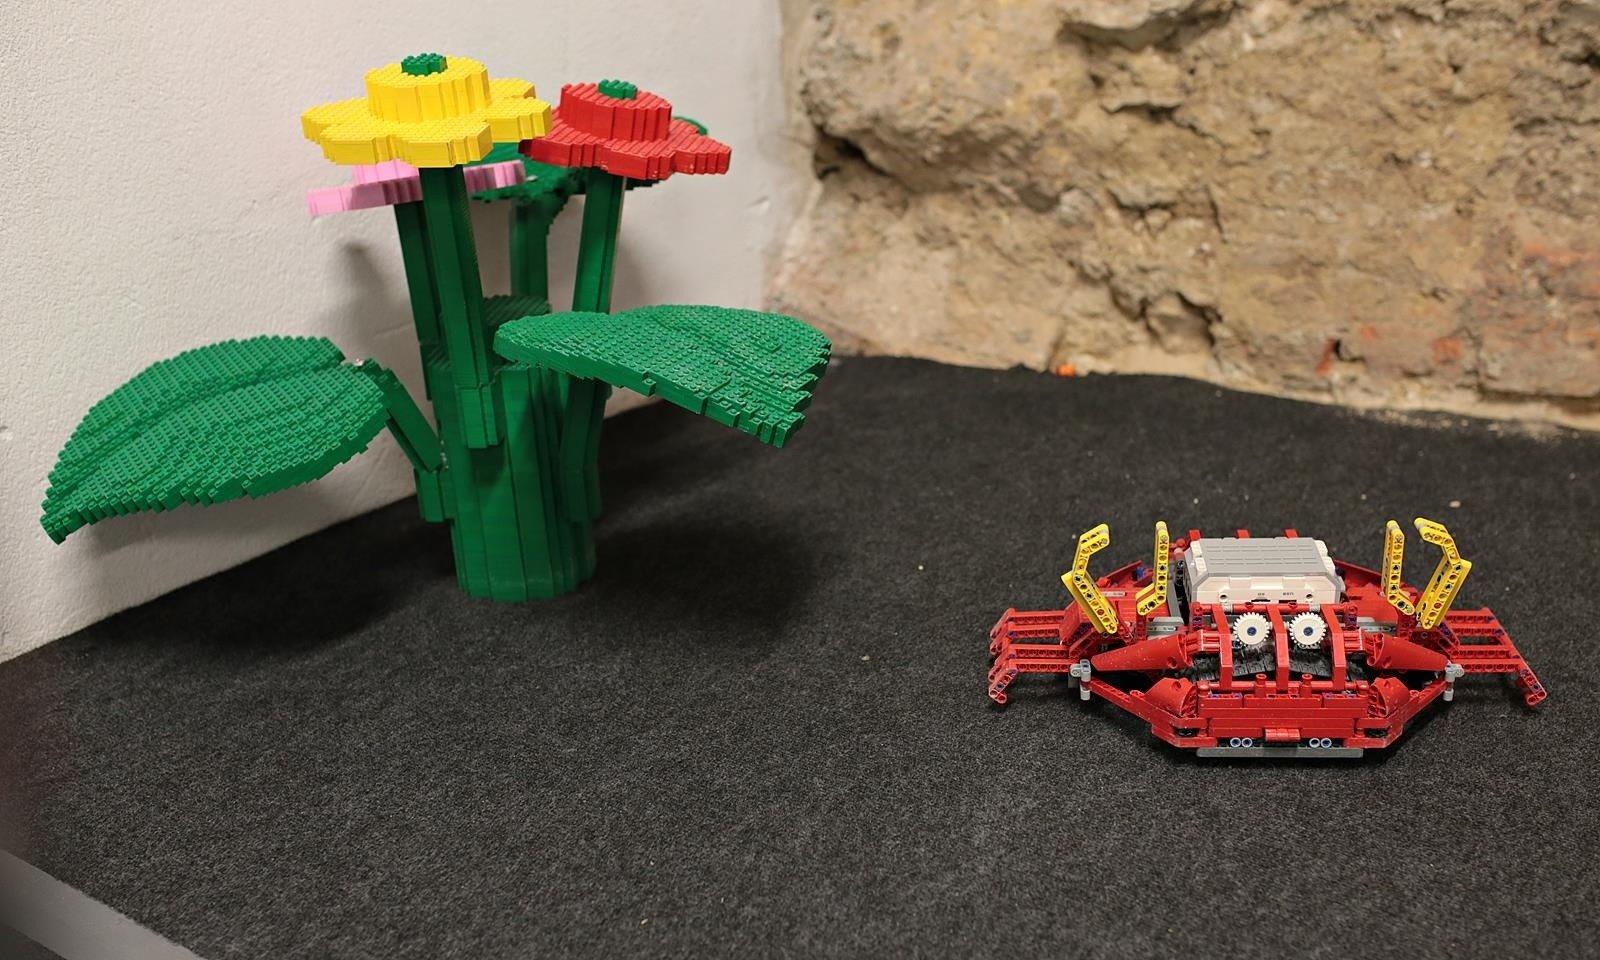 Wystawa Robotów Z Klocków Lego Na Mikołajskiej Zdjęcia Gazeta